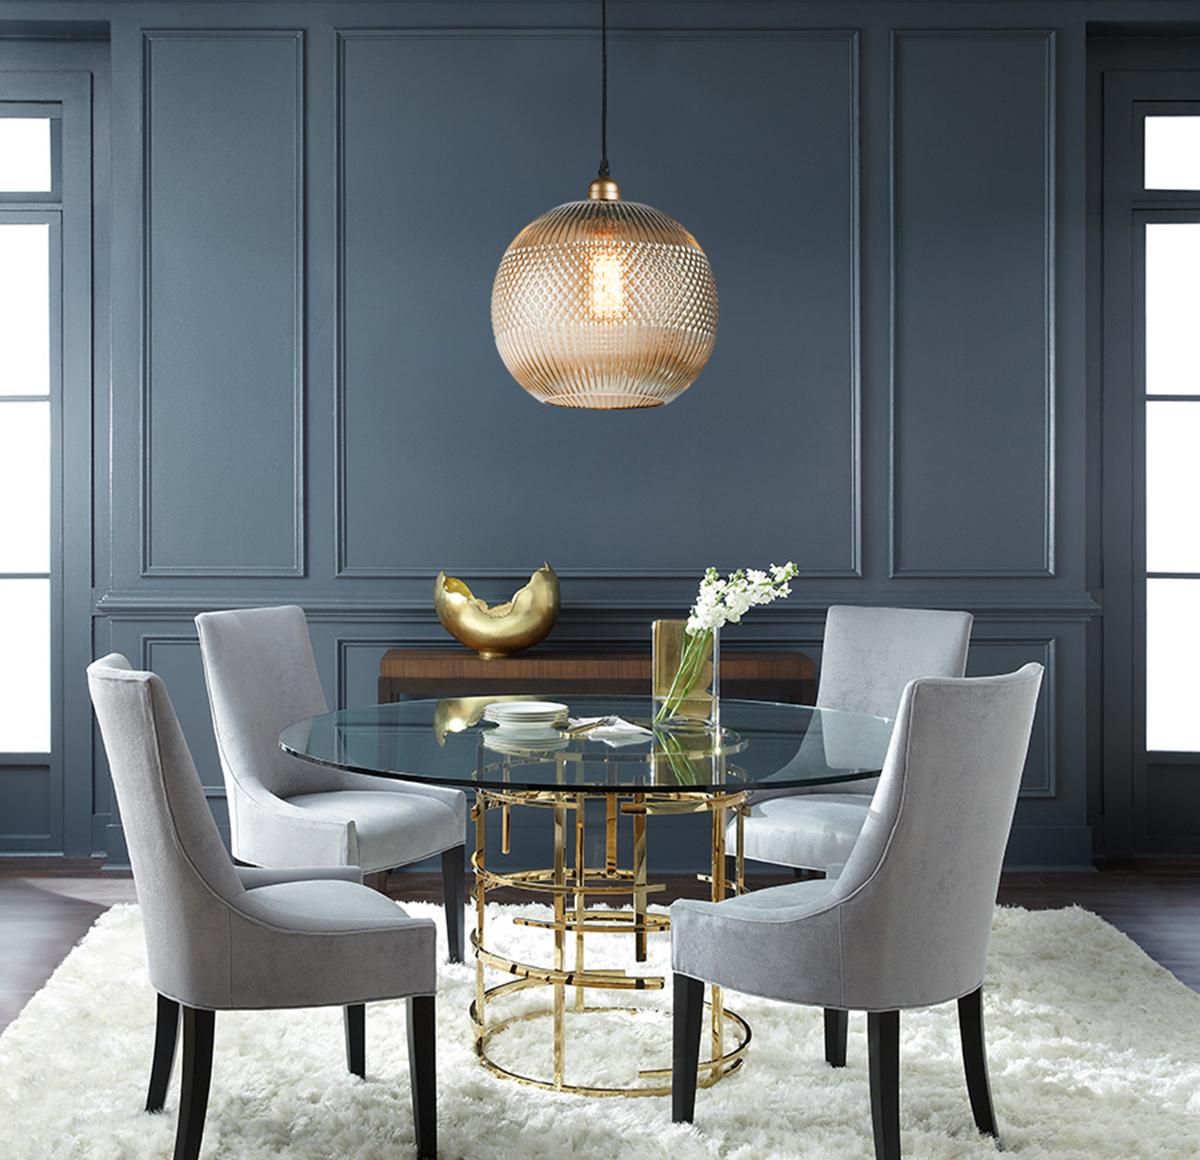 design pendelleuchte glash ngeleuchte deckenlampe grau kupfer glas goldgrau ebay. Black Bedroom Furniture Sets. Home Design Ideas